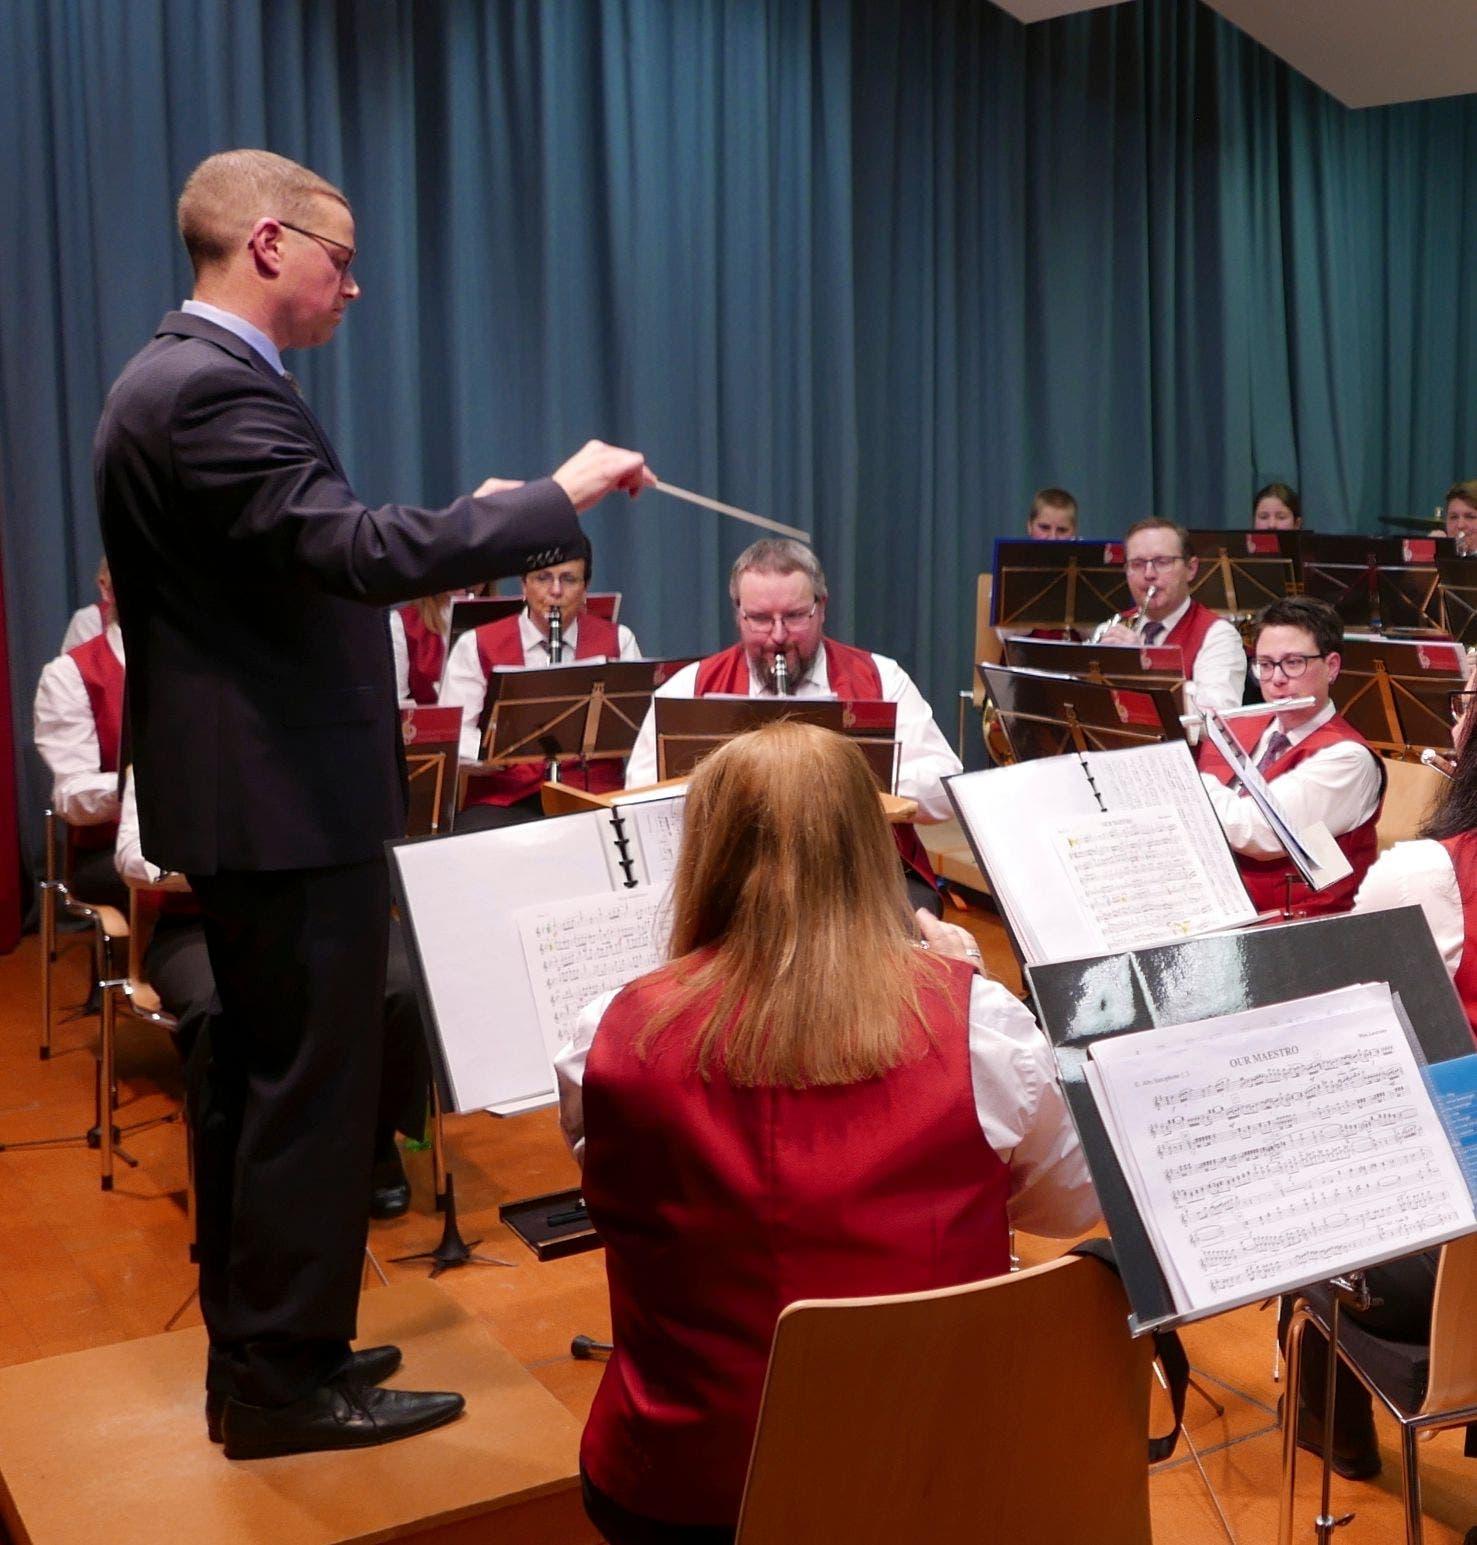 Dirigent Remo Gisler ist stolz auf die Leistung des Korps.